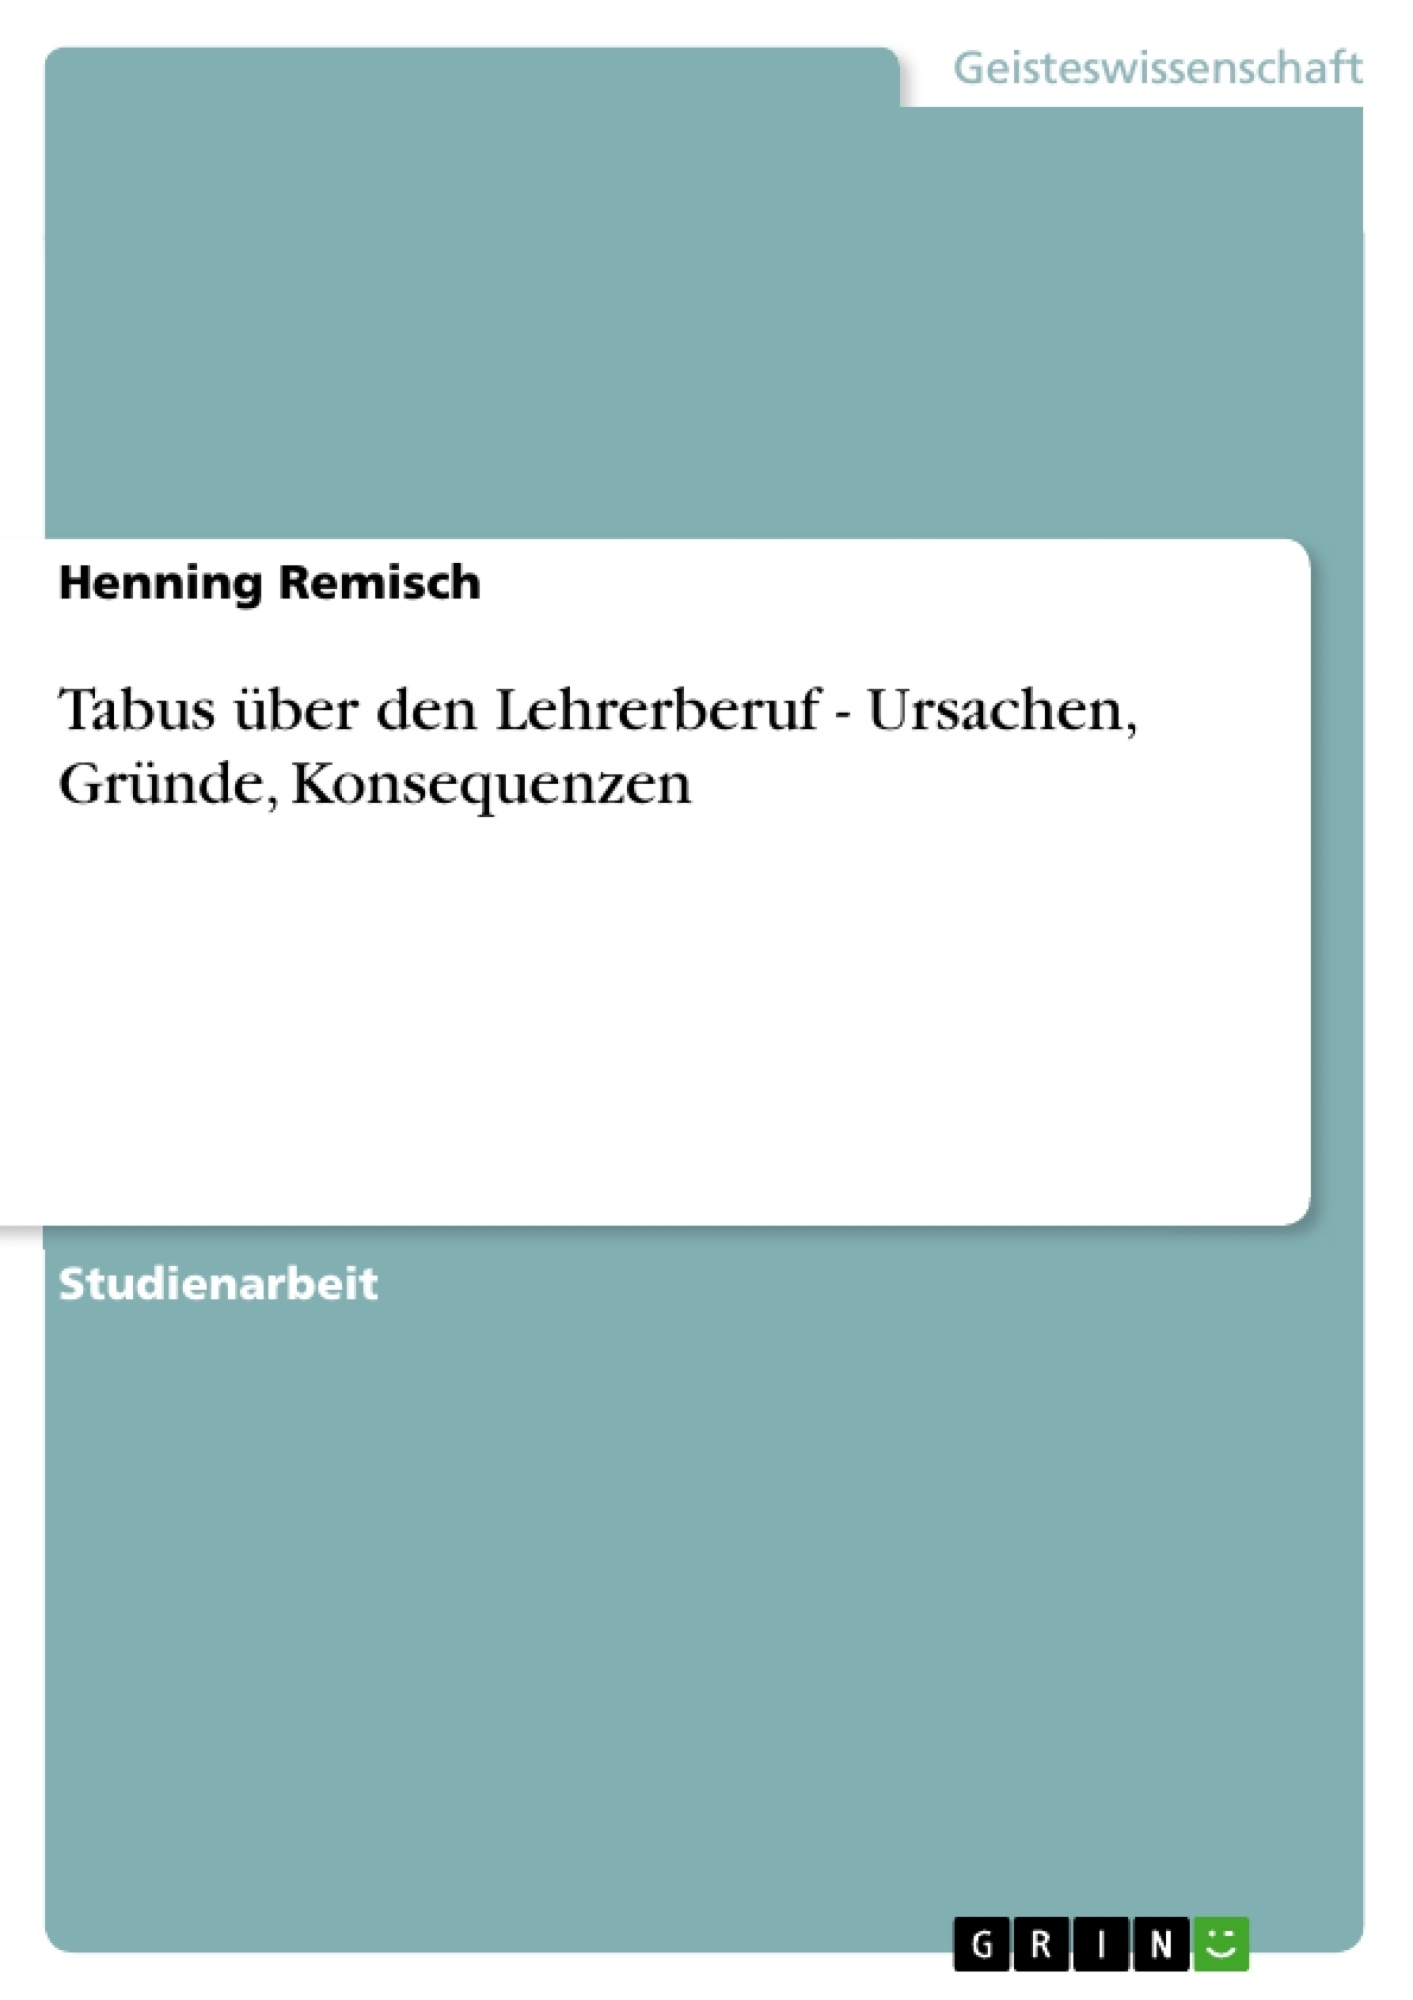 Titel: Tabus über den Lehrerberuf - Ursachen, Gründe, Konsequenzen